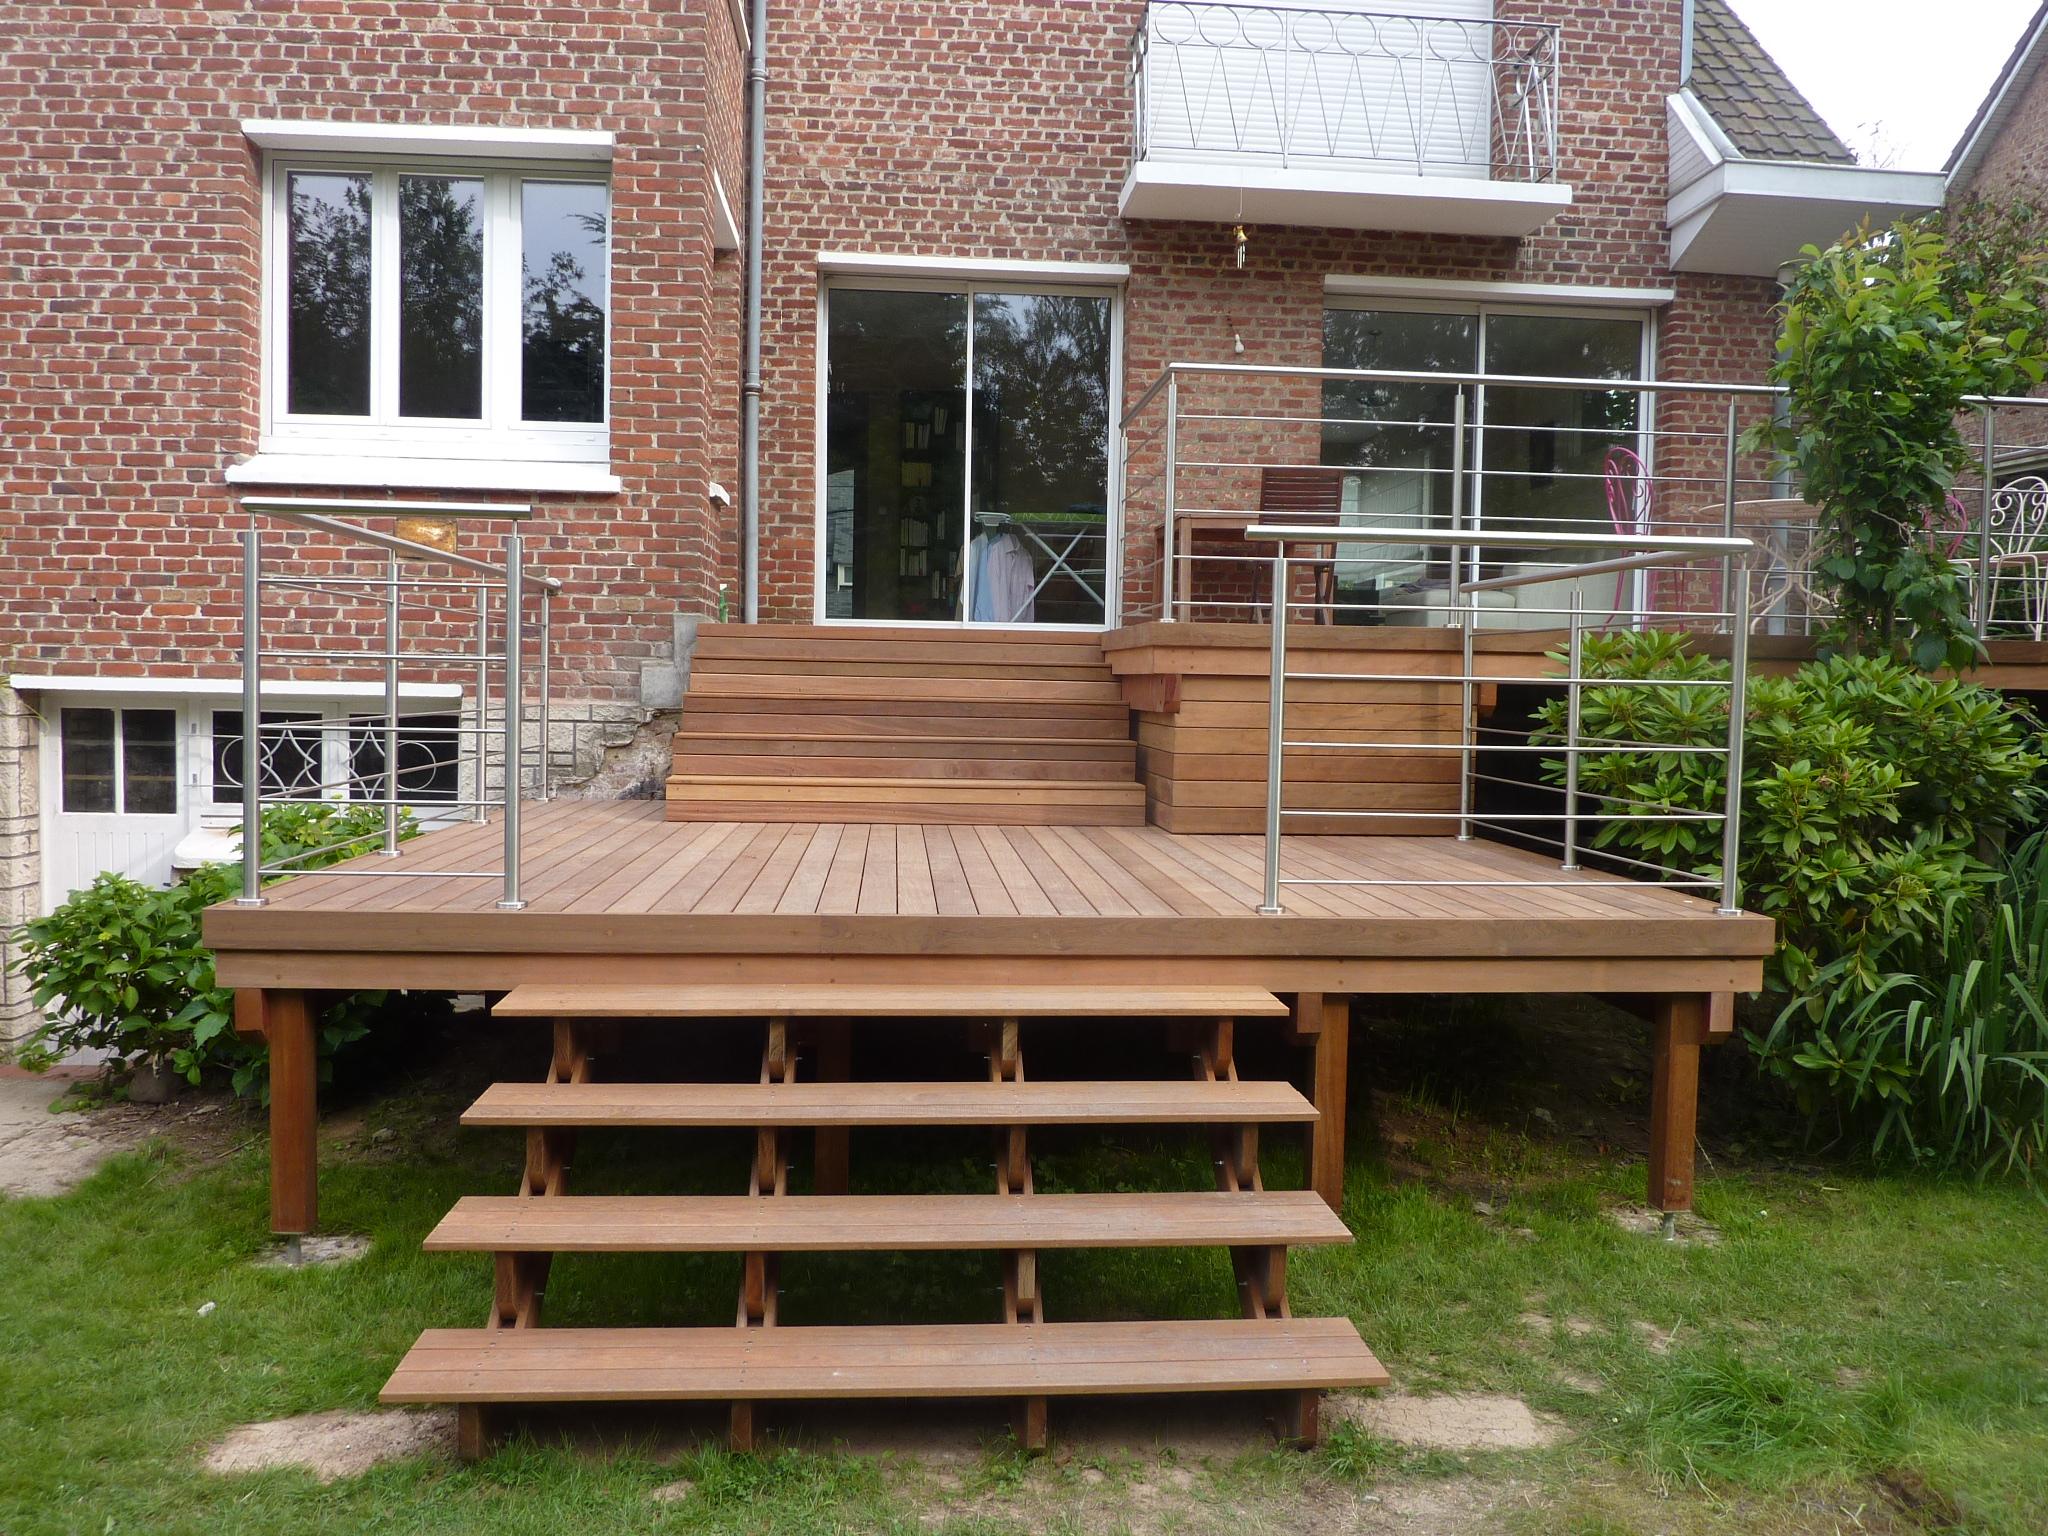 Structure Terrasse Bois Surélevée terrasse ipé surélevée a marcq en baroeul - kiosque aménagement